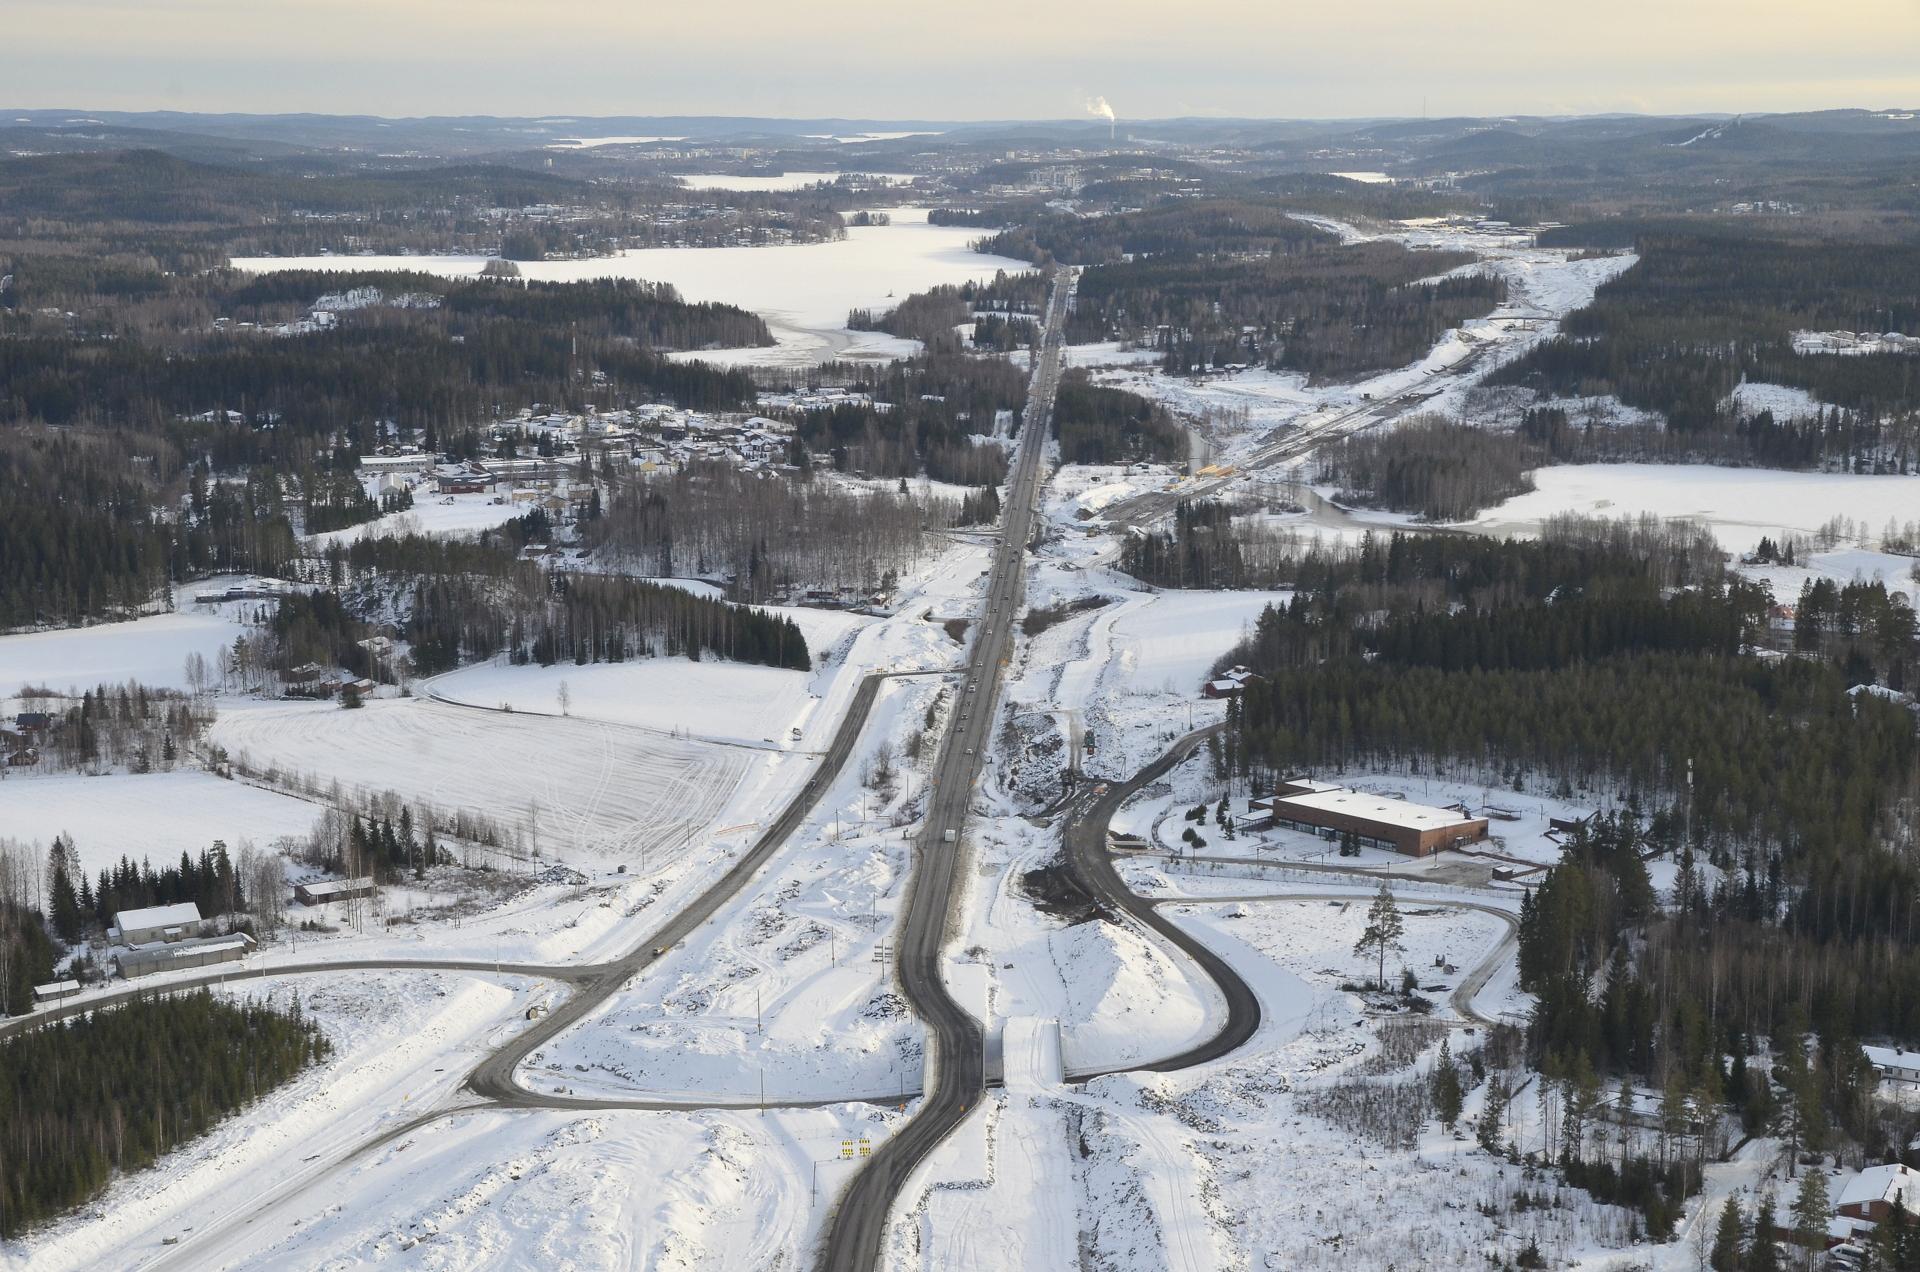 Uudet reitit jo käytössä. Kauempana näkyy hyvin tien uusi linjaus vanhaan nelostiehen nähden.